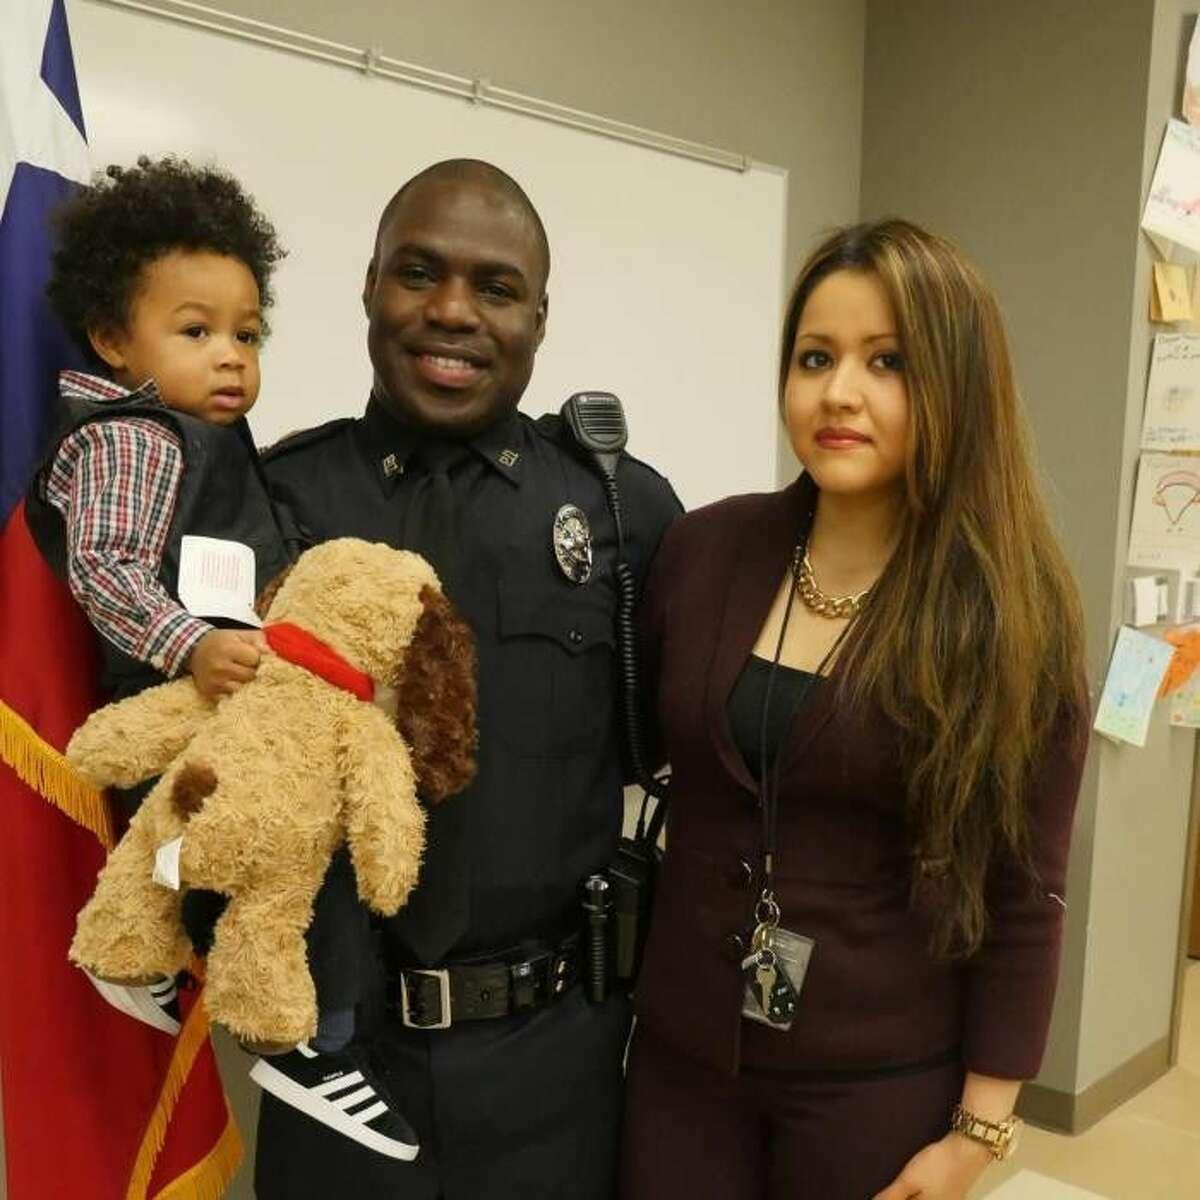 Officer Endy Ekpanya and family.